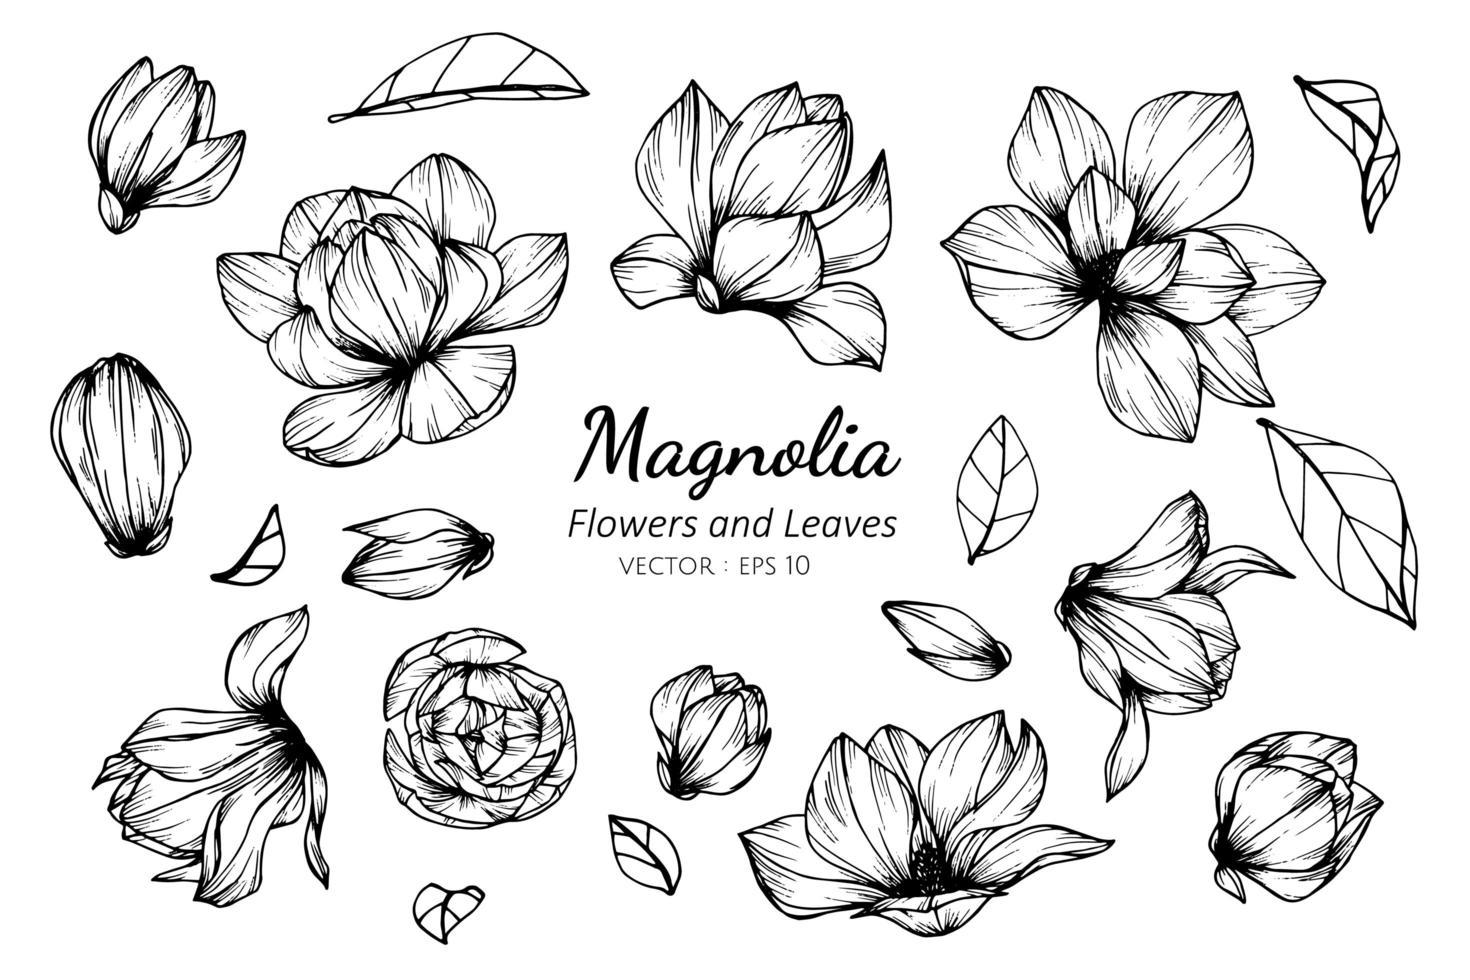 Sammlung von Magnolienblüten und -blättern vektor